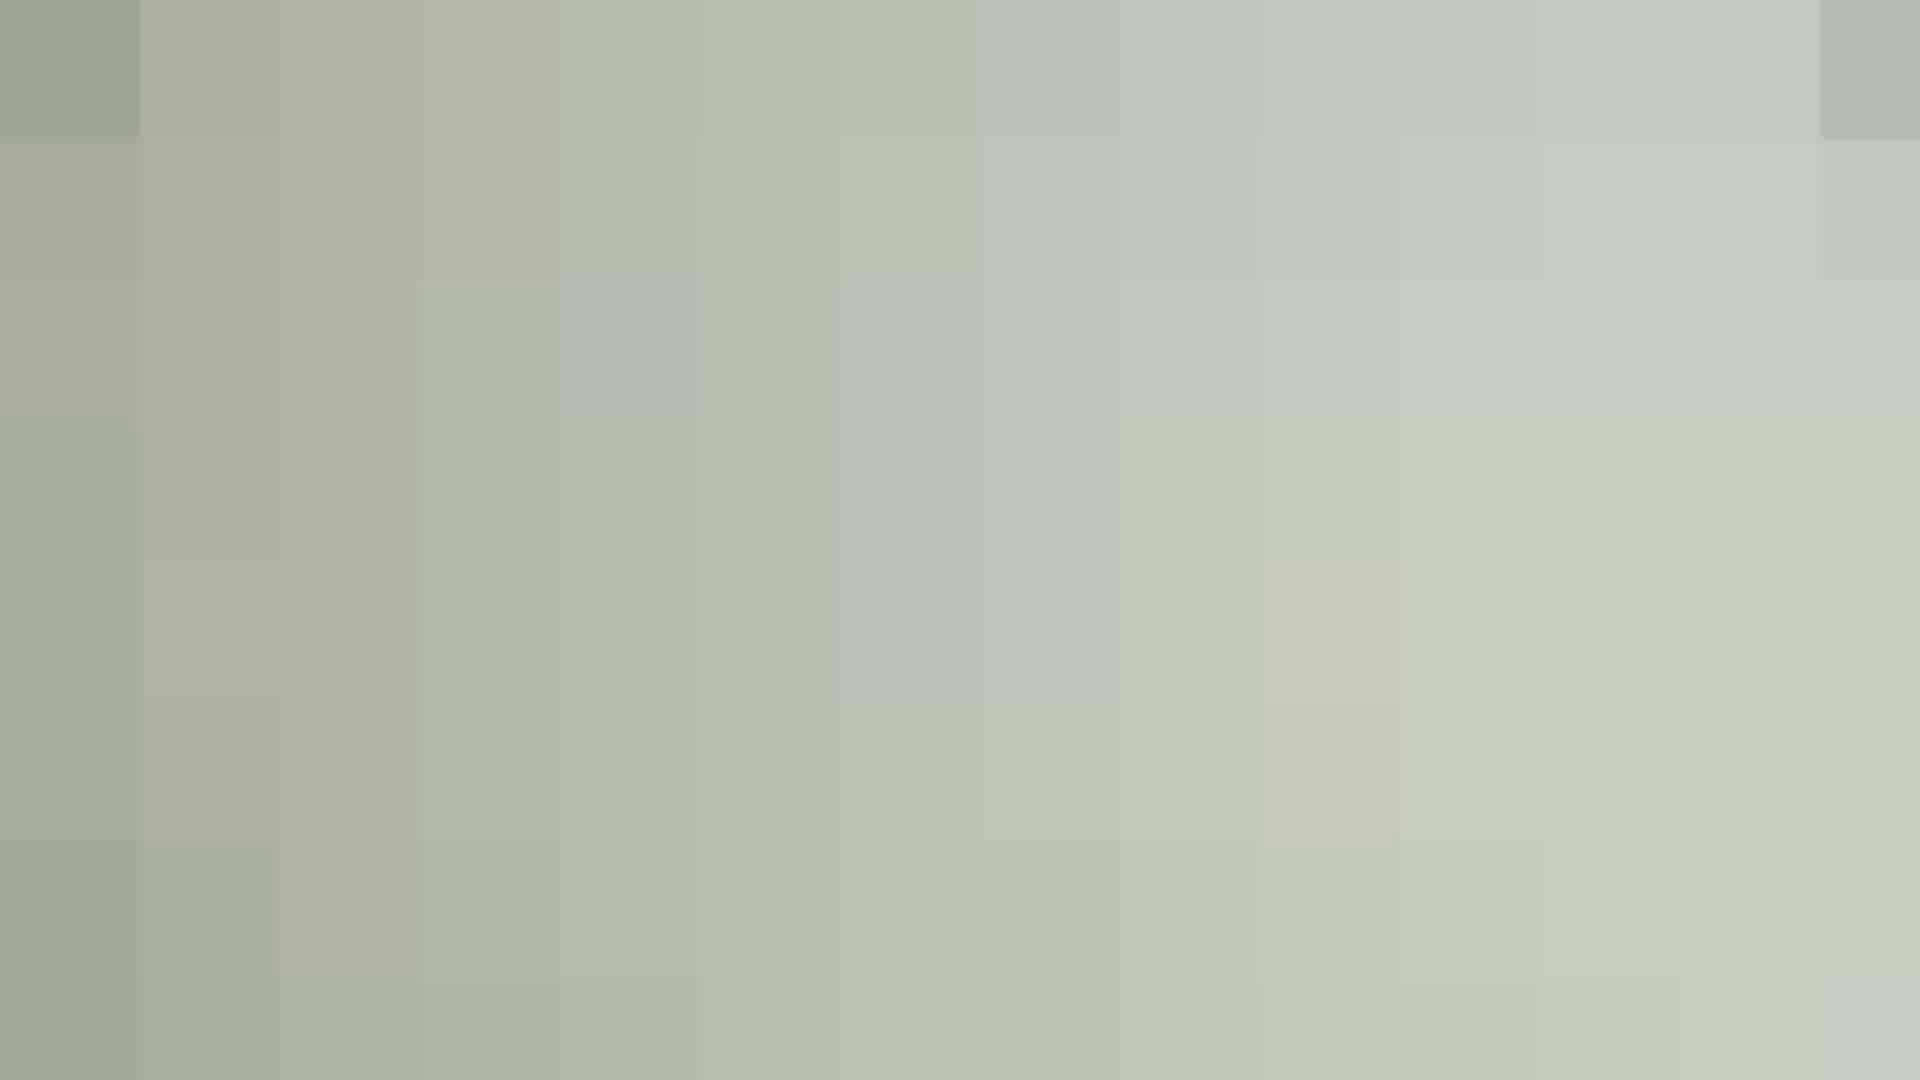 【美しき個室な世界】 vol.022 ヒクヒクさんたち 洗面所  68pic 43